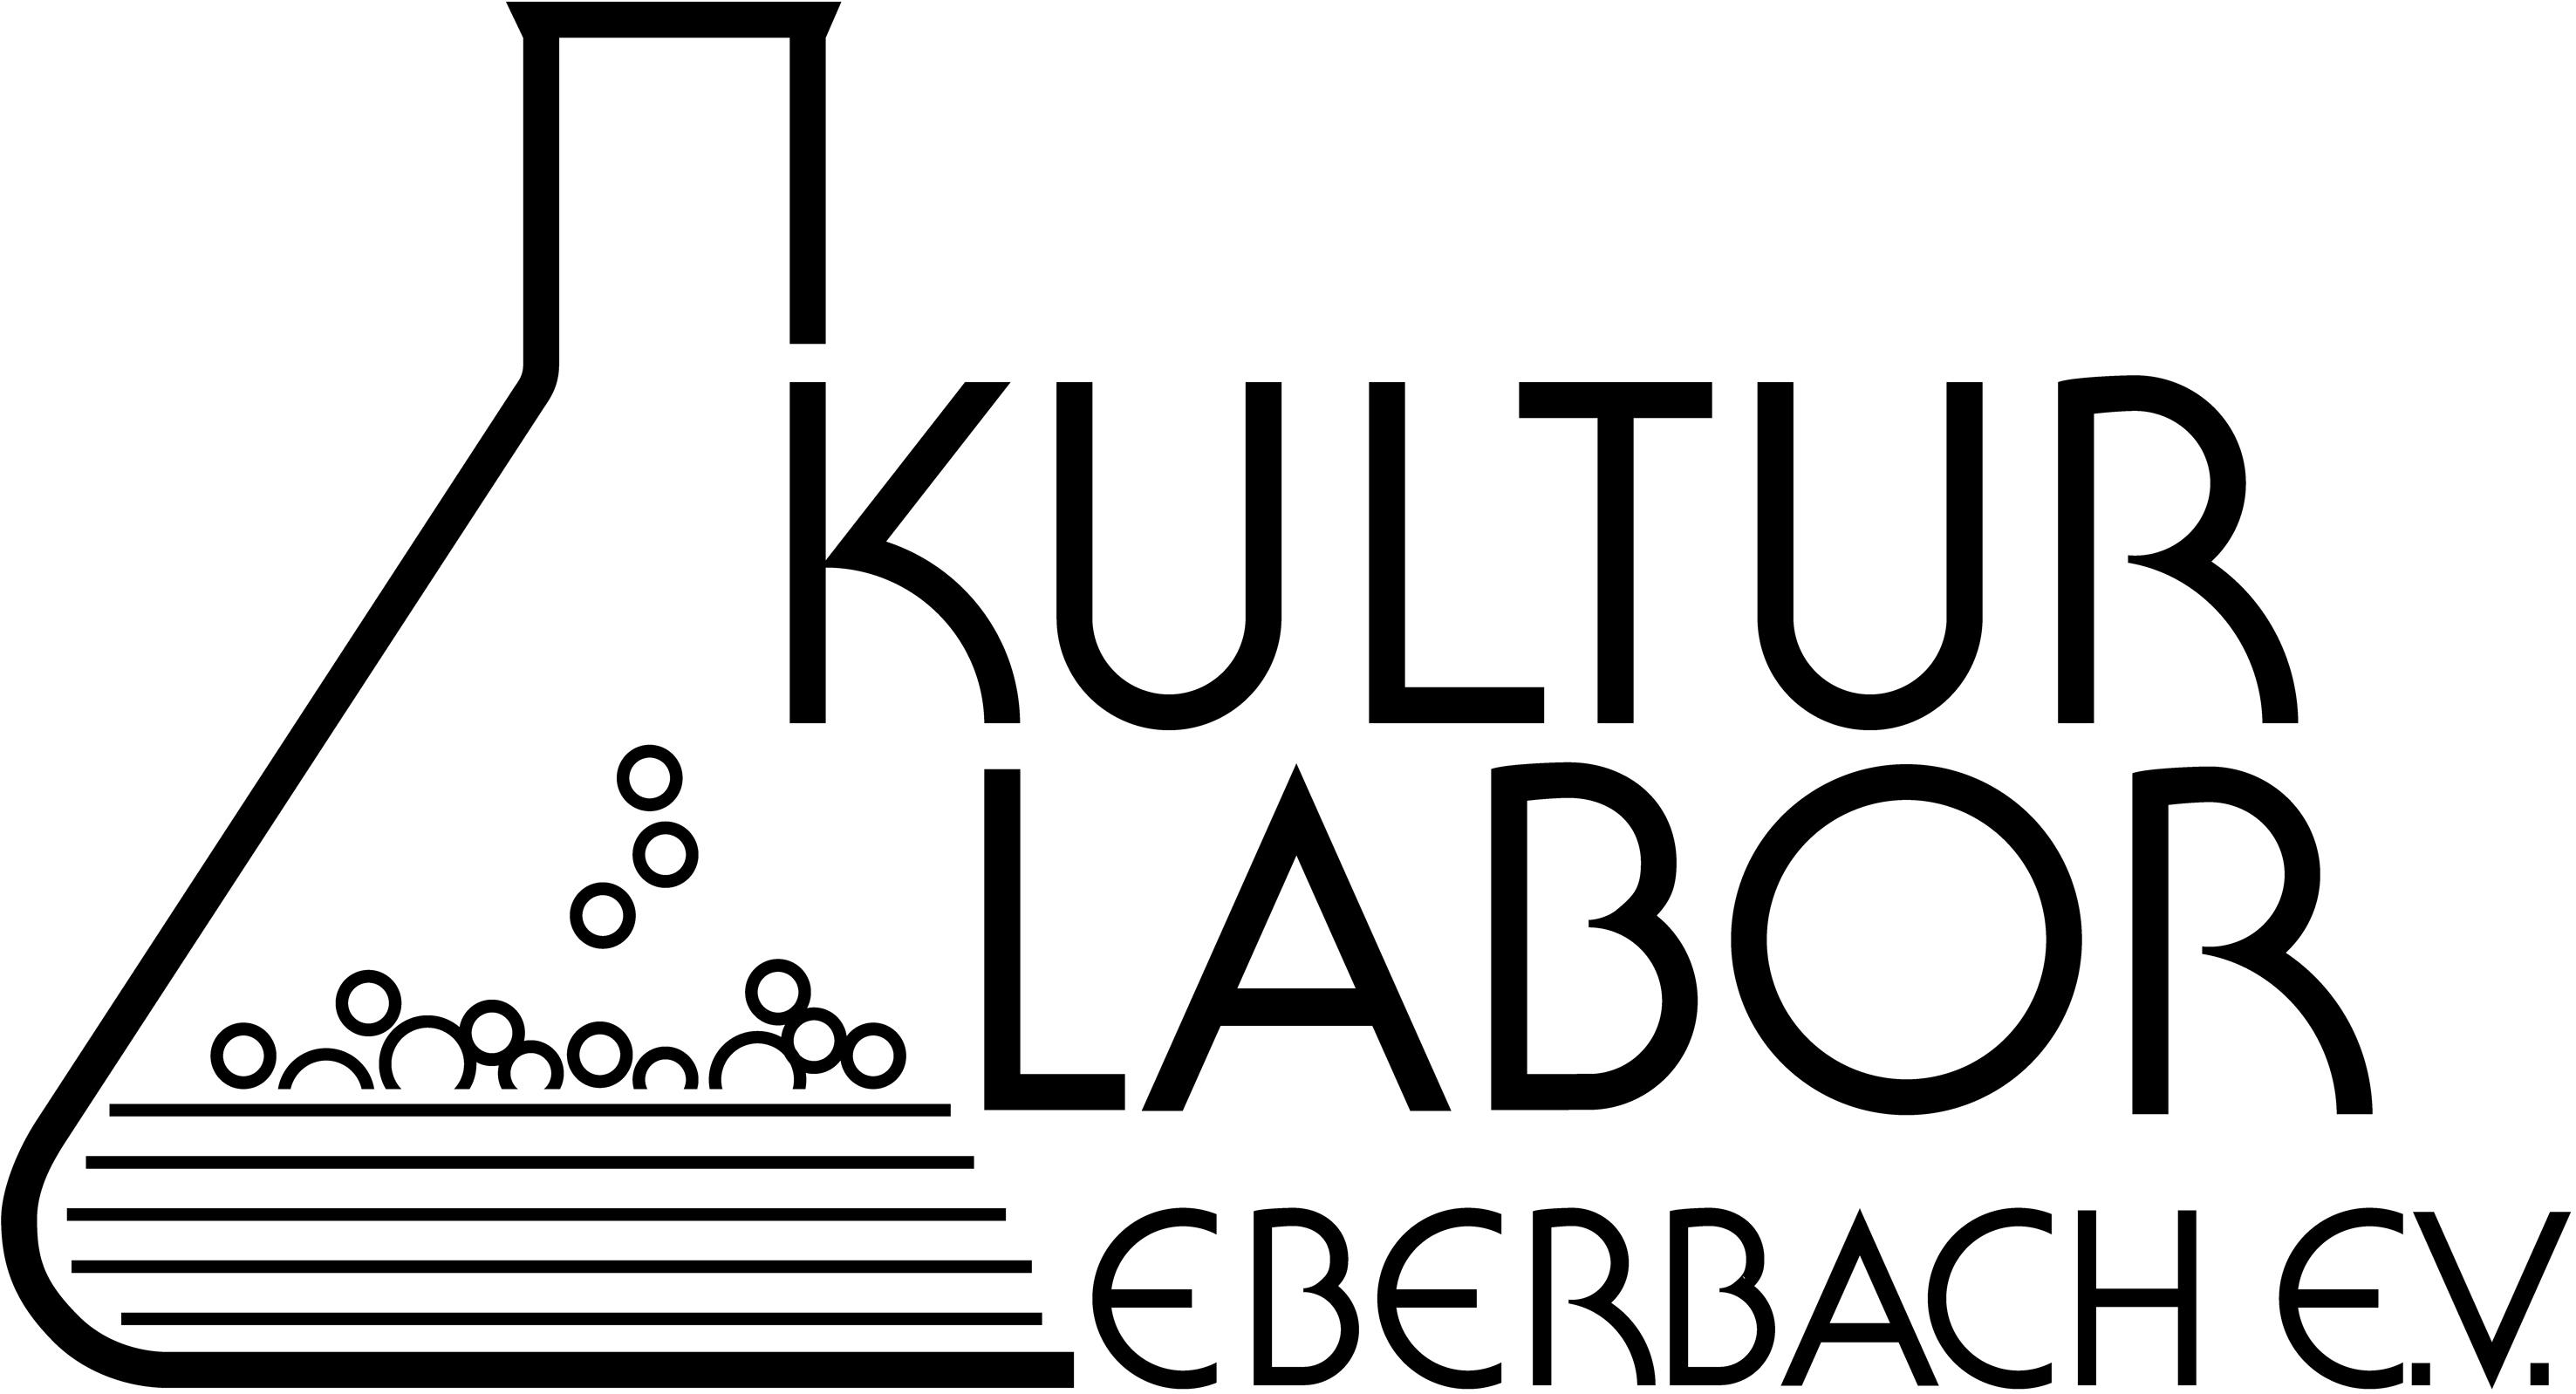 Musikschule Eberbach im Kulturlabor Eberbach